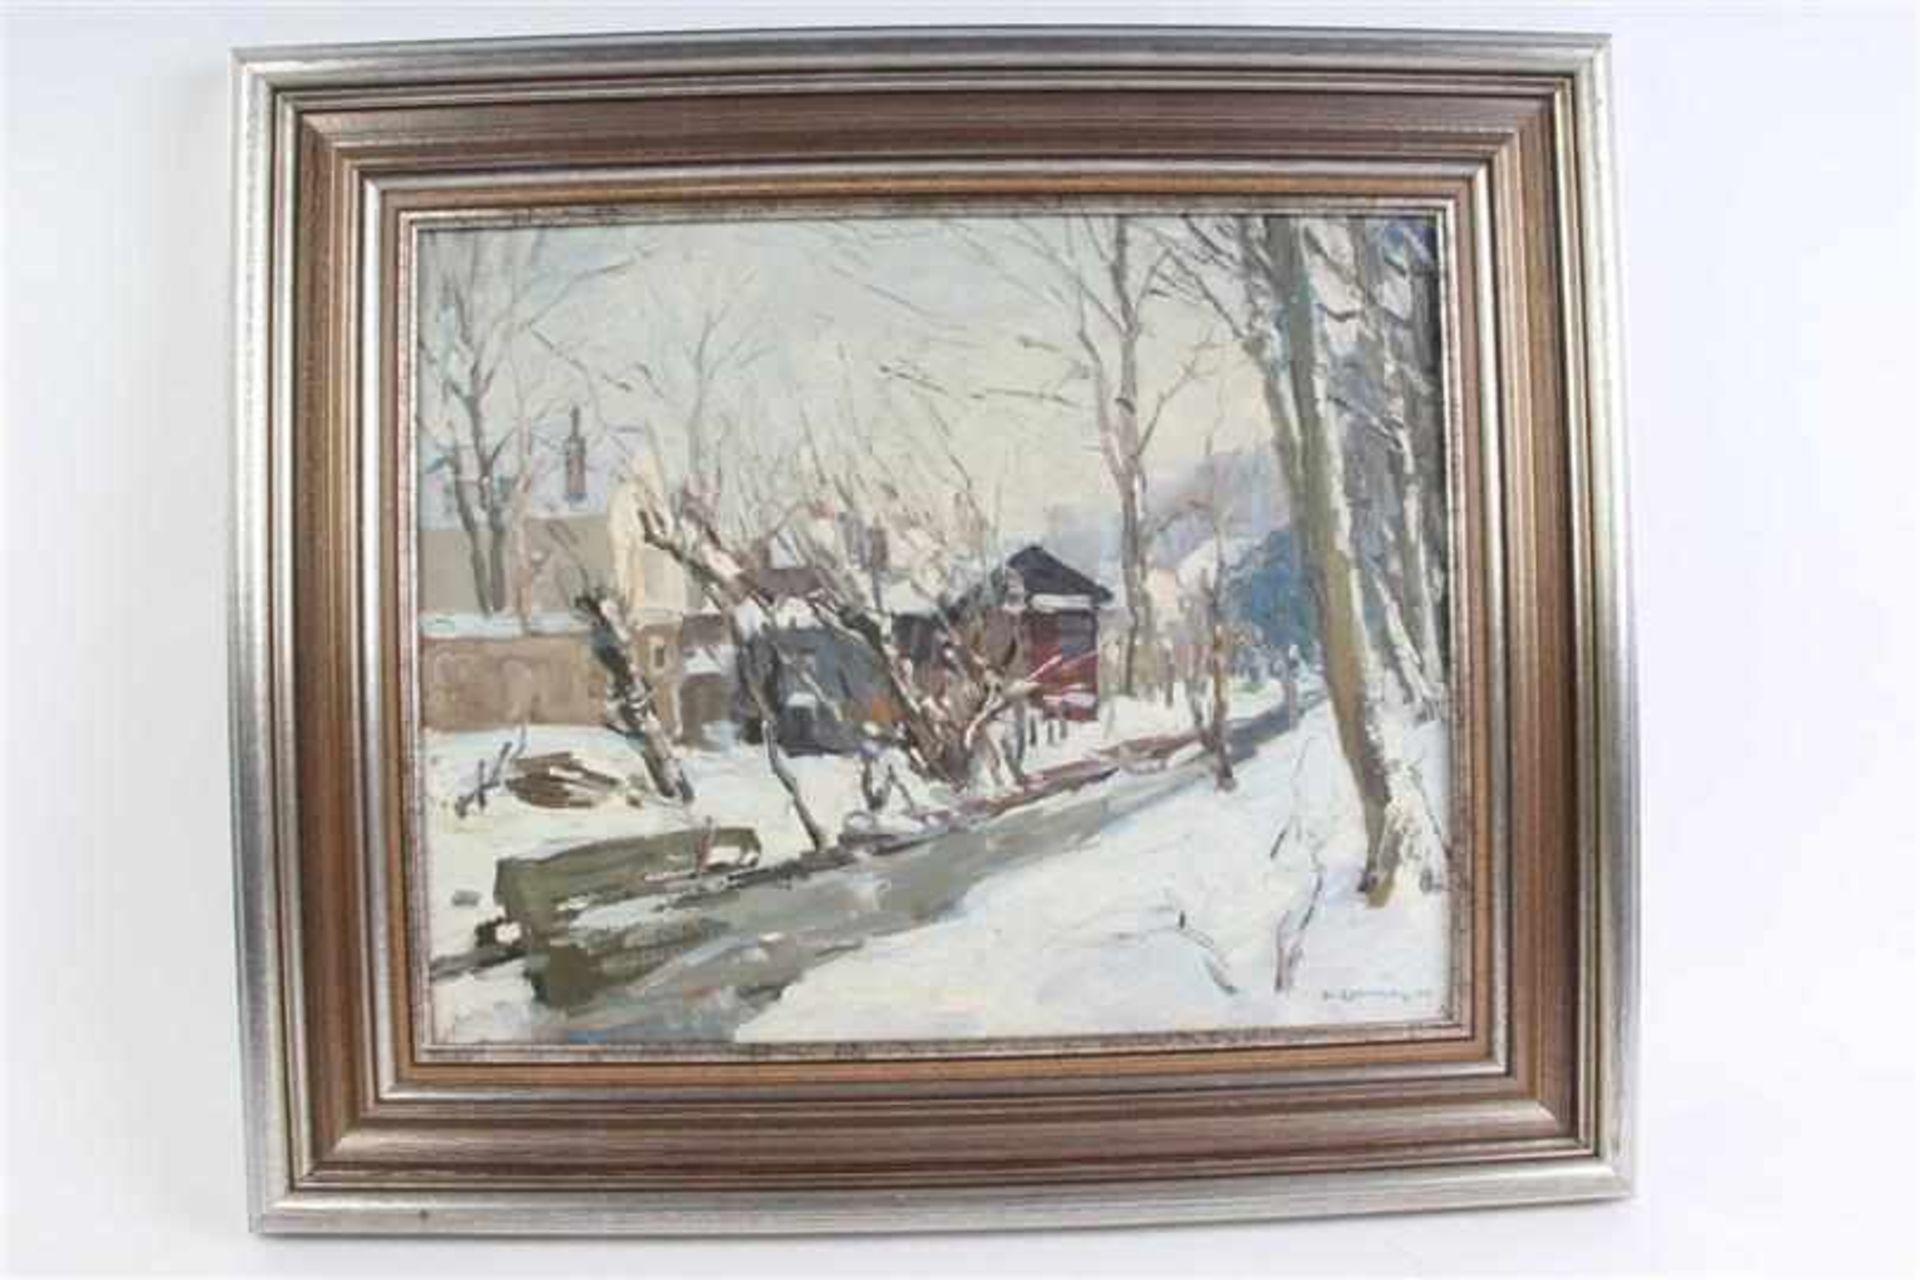 Schilderij, olieverf op doek, 'Dorpsstraatje in de sneeuw'. Hendrik Van Leeuwen van Oudewater (